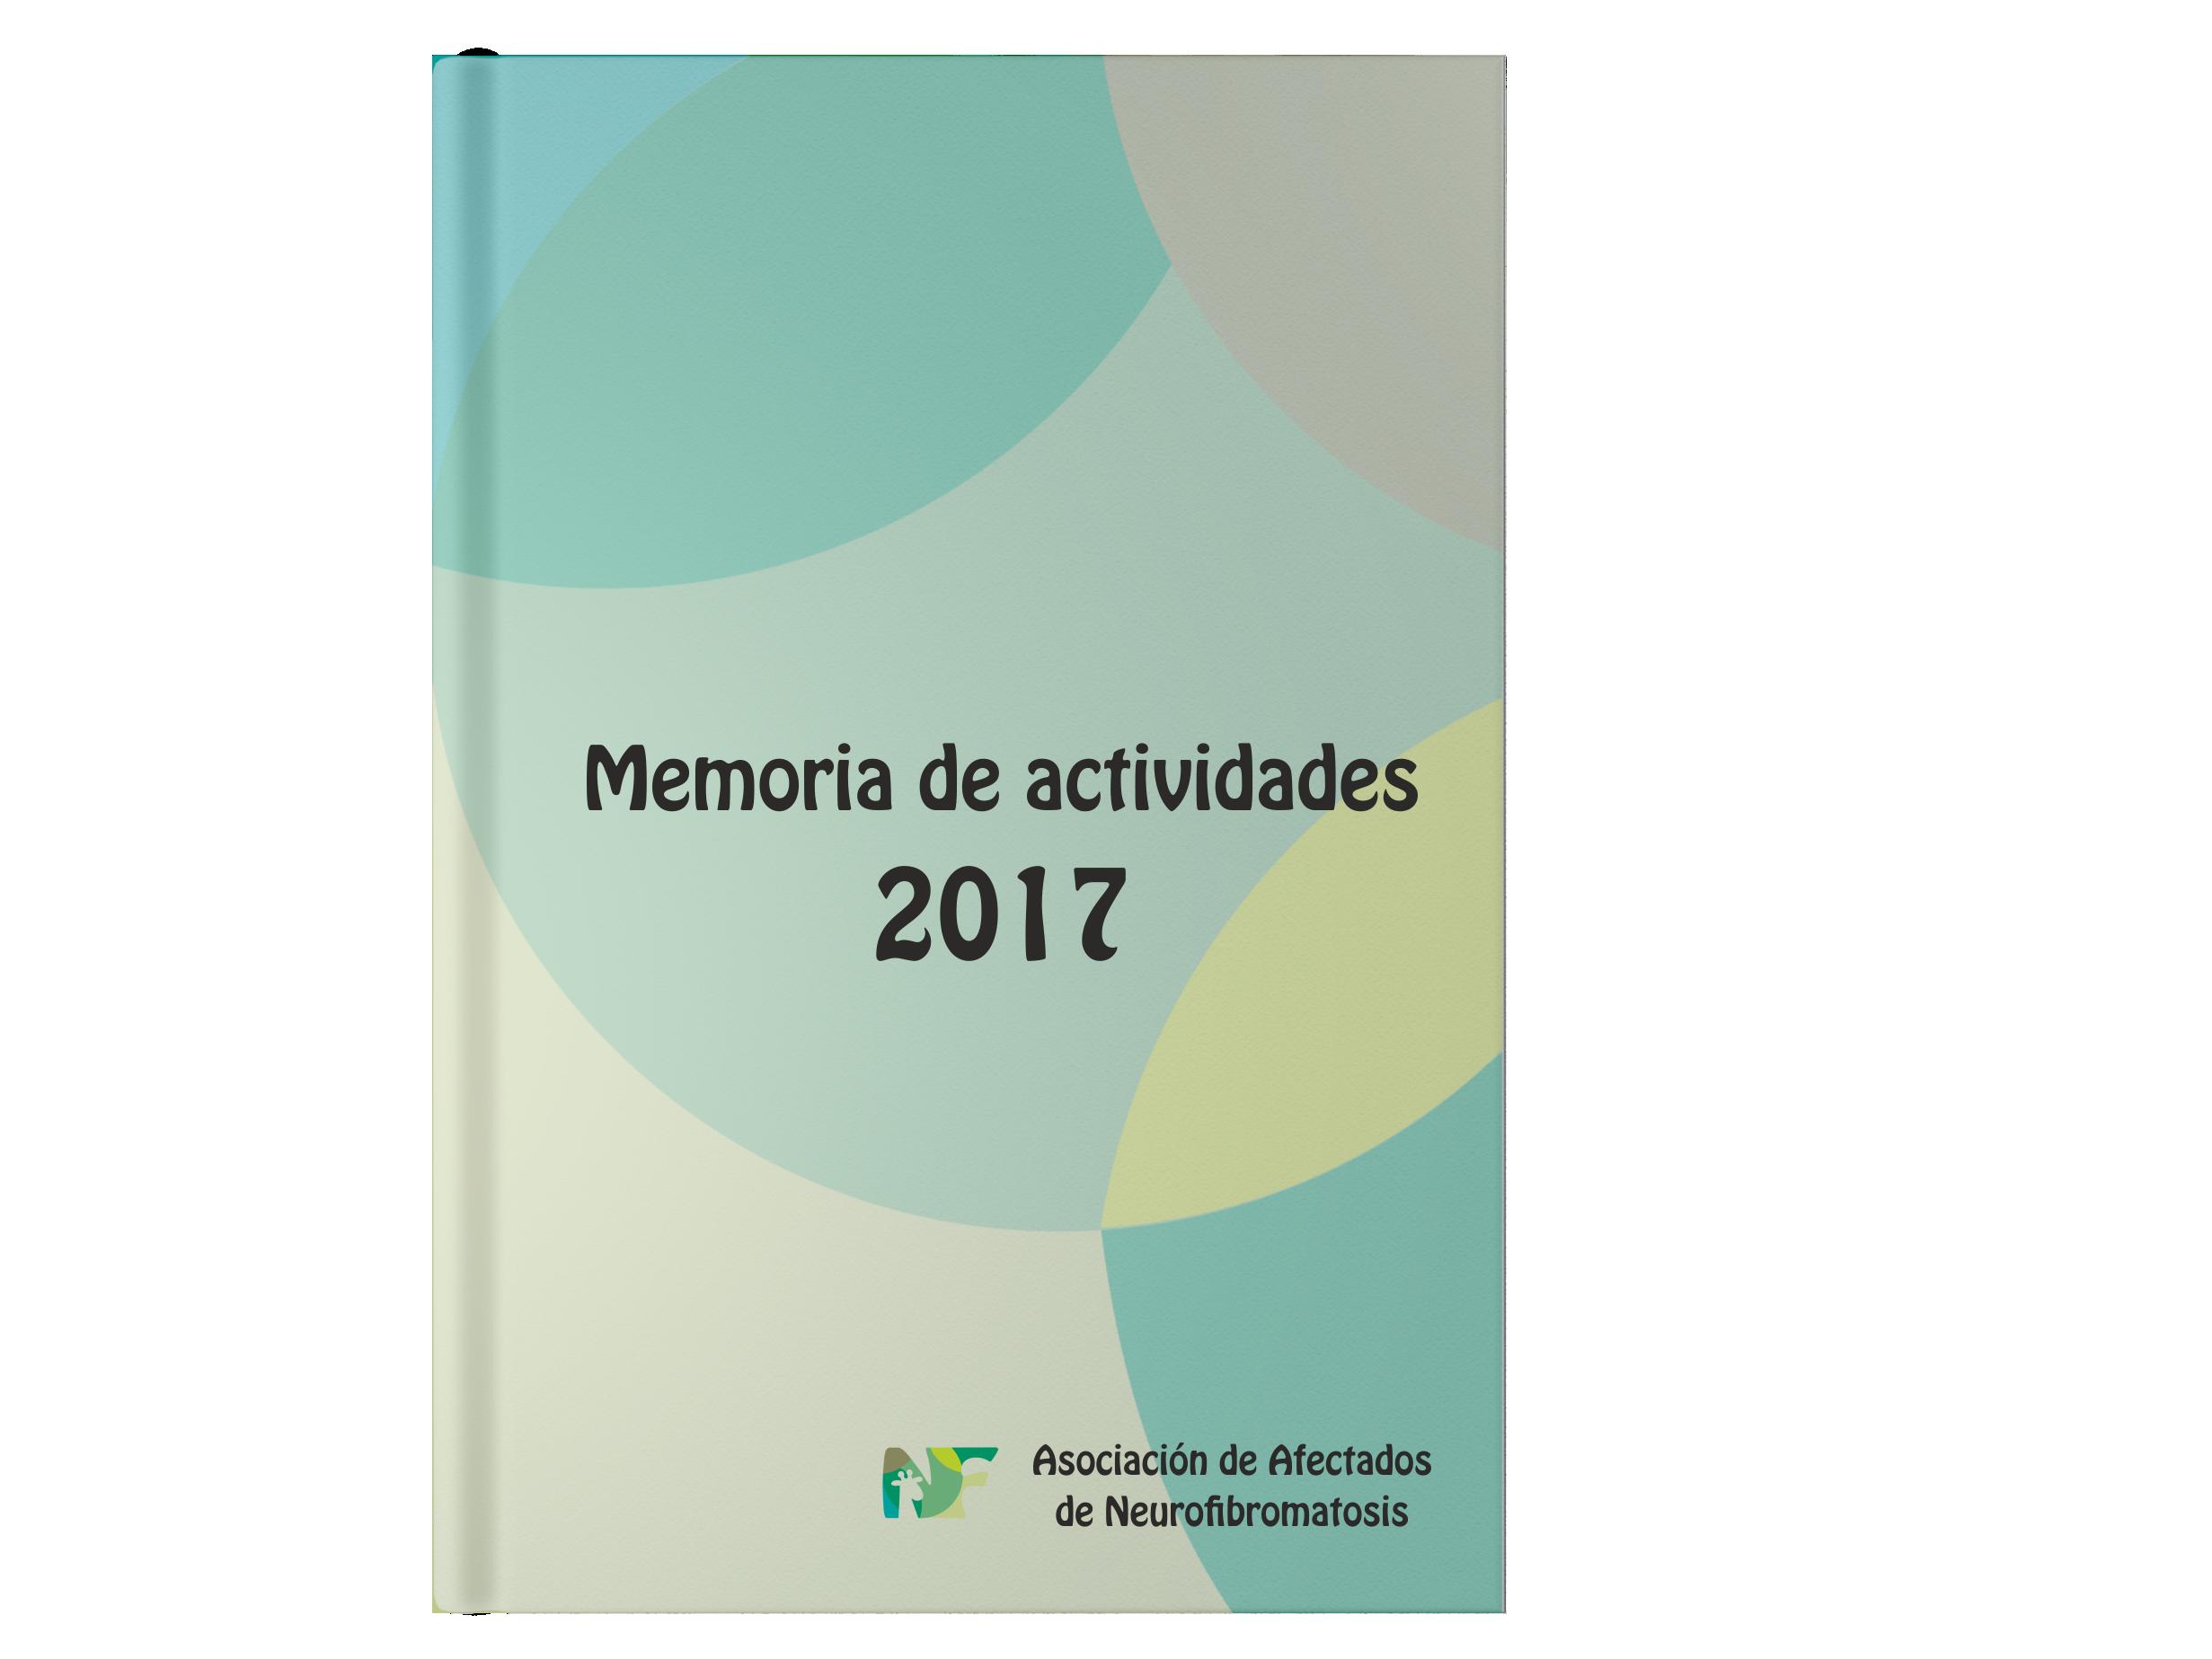 Memoria de Actividades AANF 2017